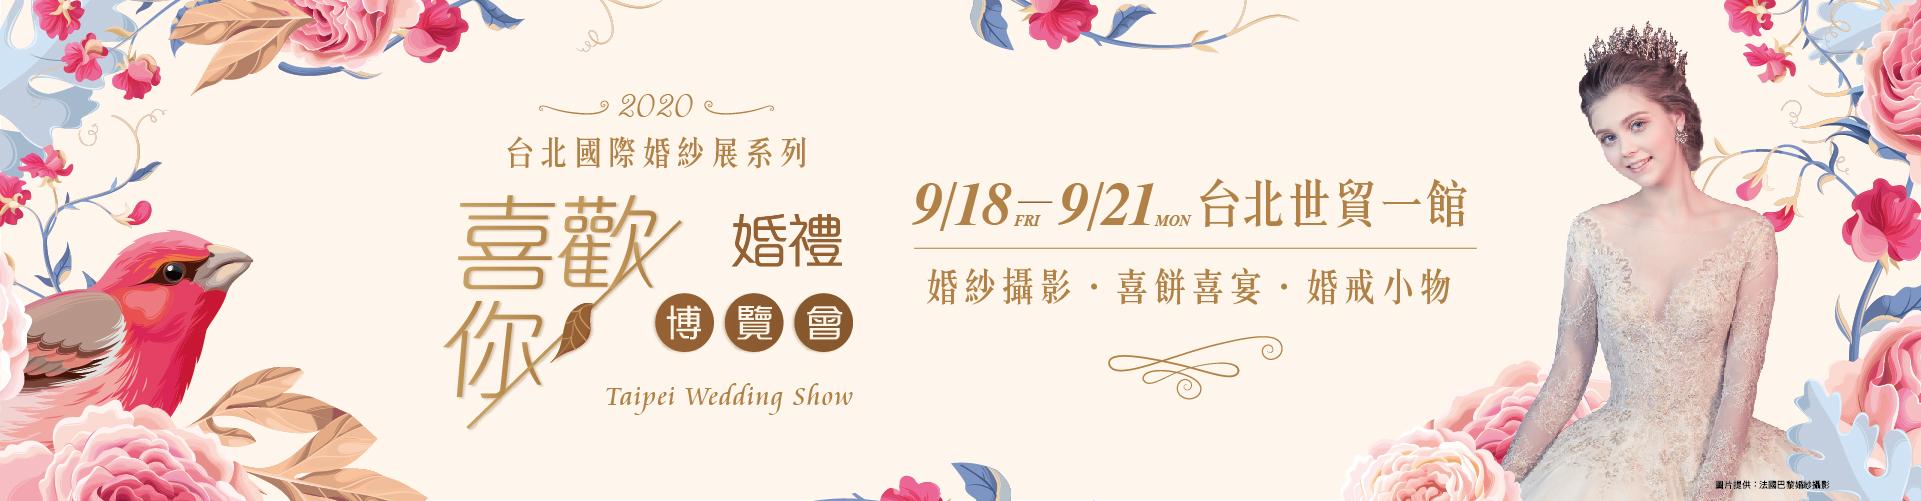 2020台北國際婚紗展